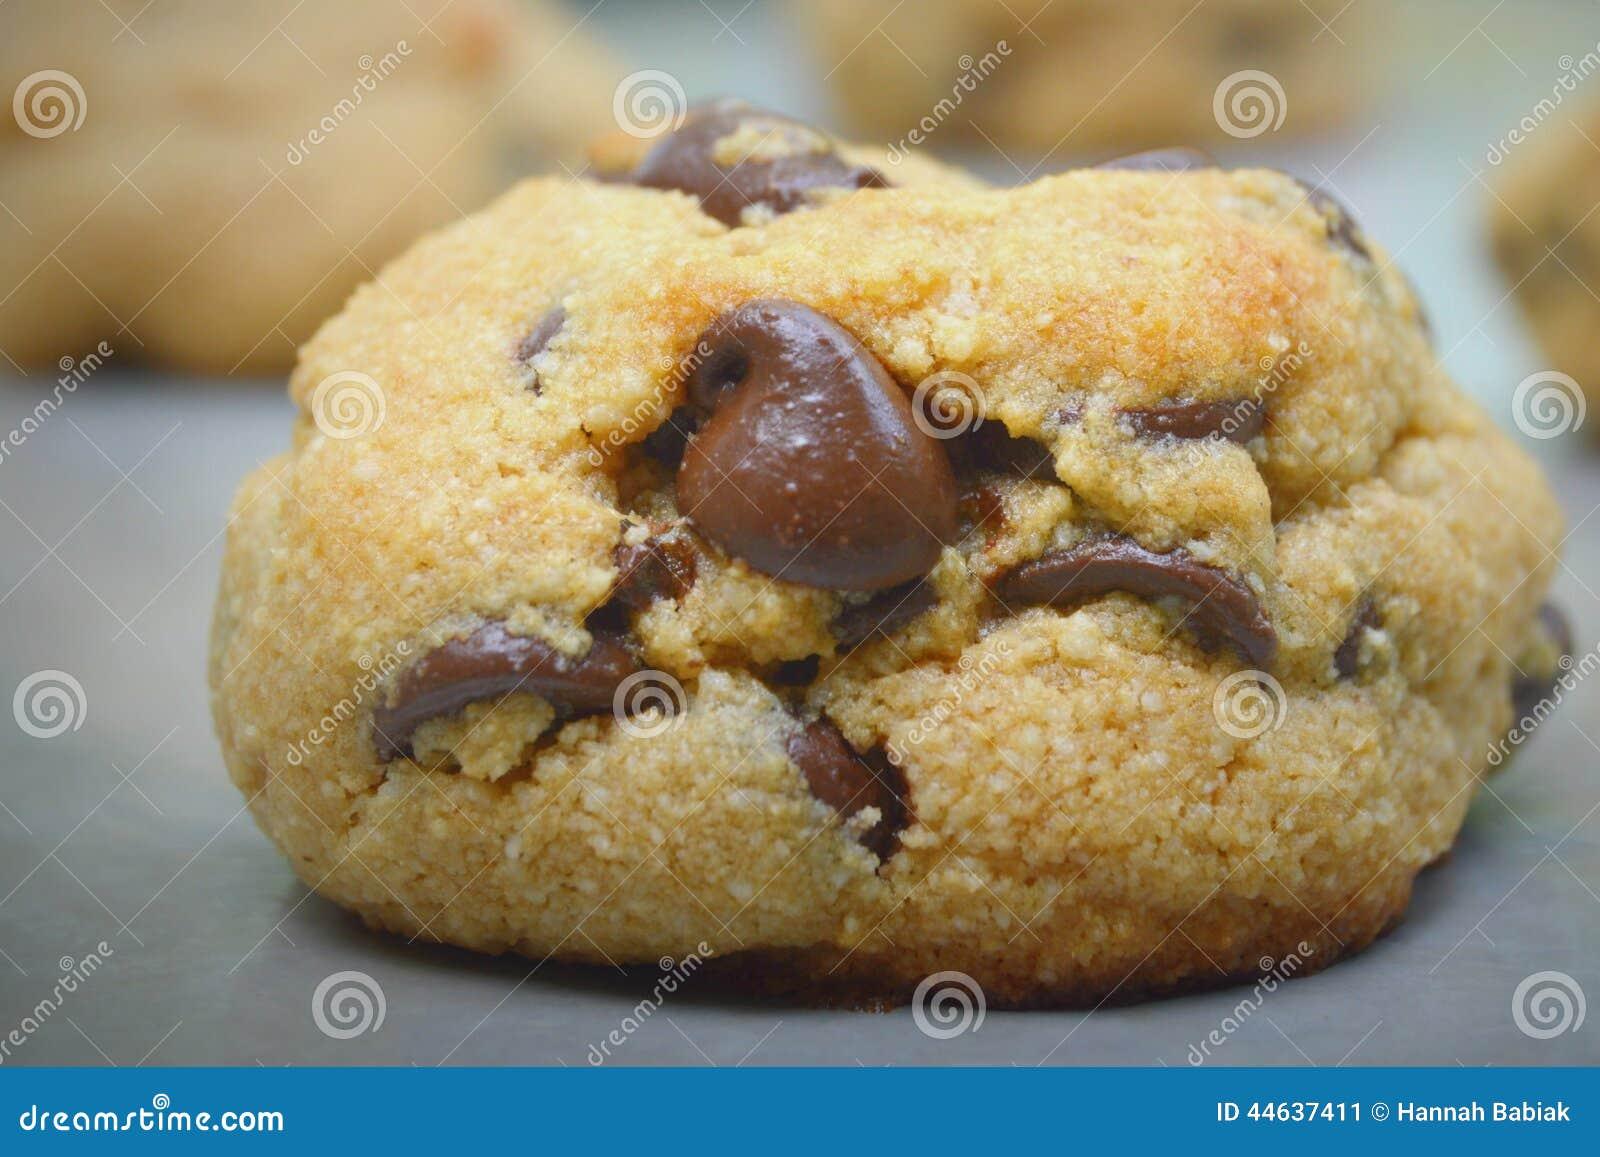 Chocolate Chip Cookie Gluten Free